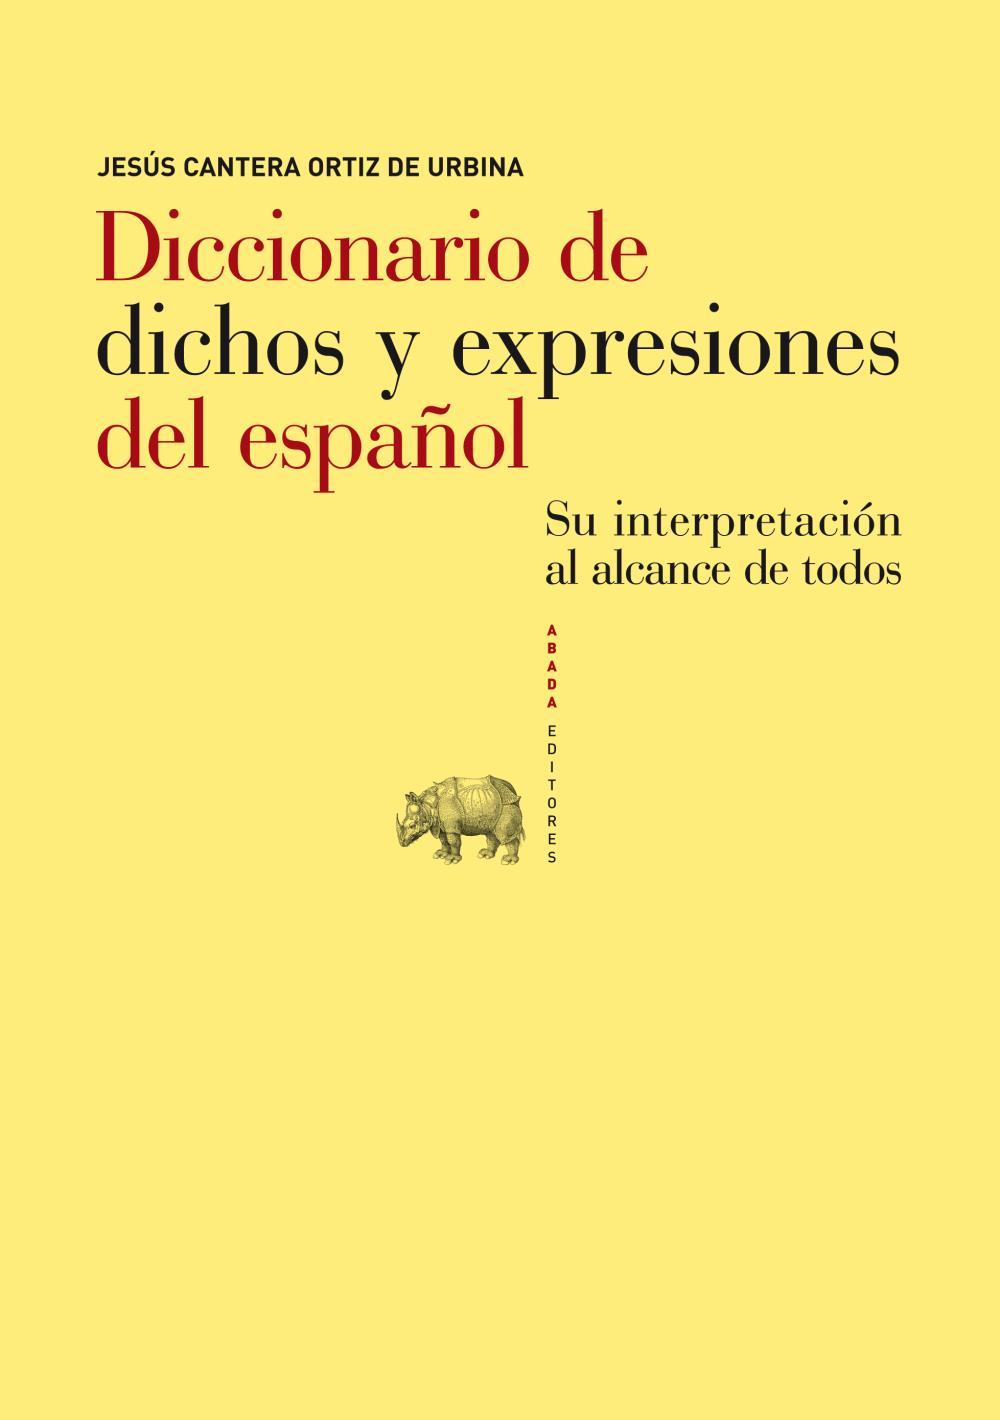 Diccionario de dichos y expresiones del español